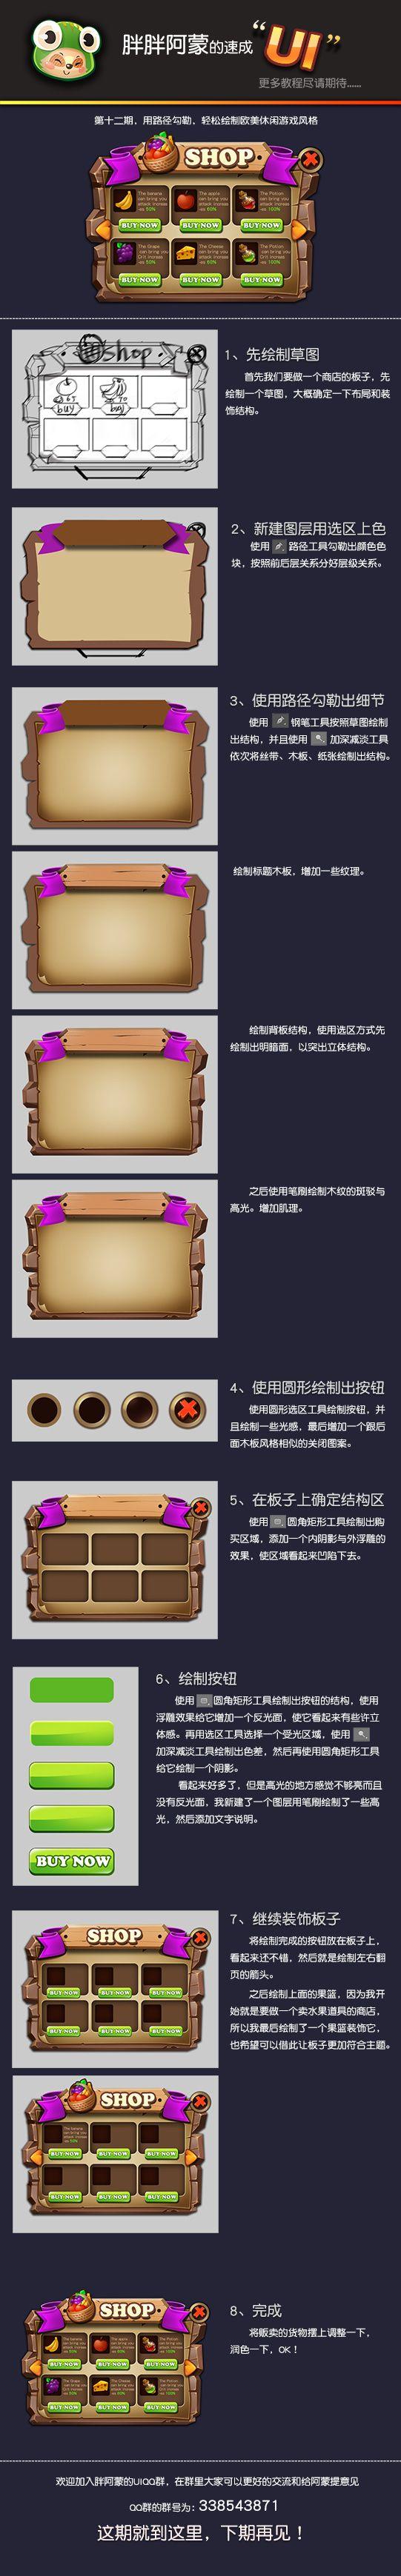 原创作品:胖阿蒙游戏UI速成第十二期